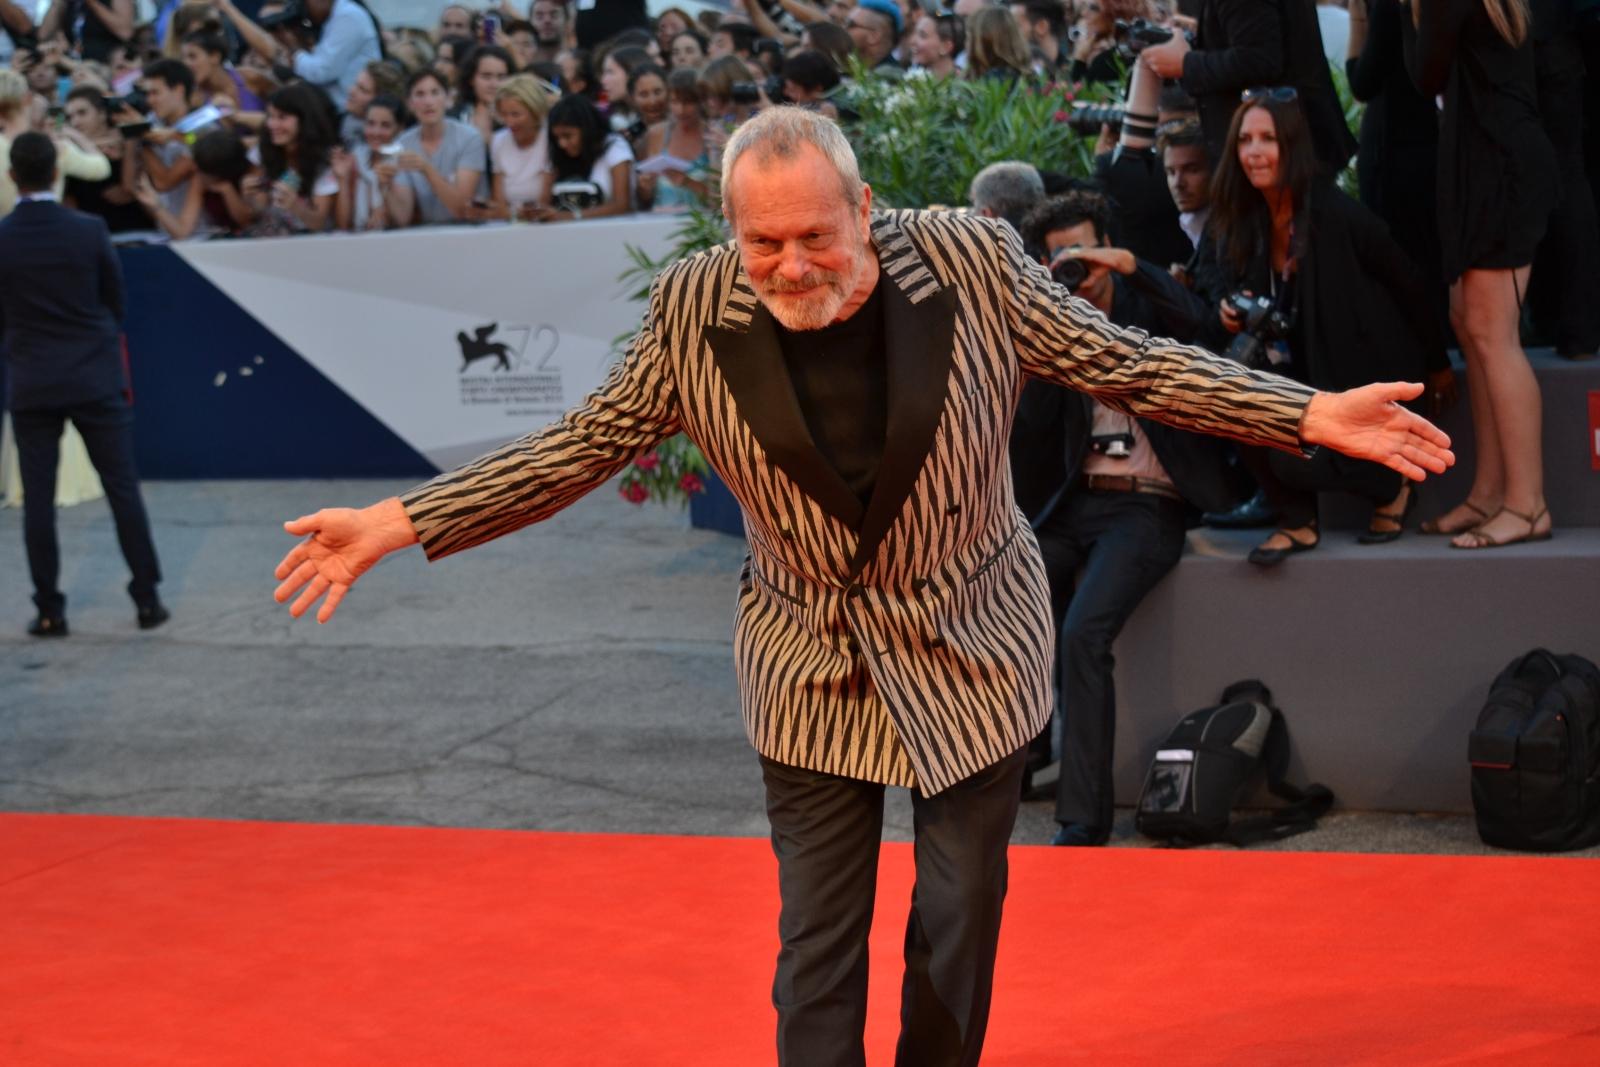 Venezia 2015: Terry Gilliam scherza con i fotografi sul red carpet di A Bigger Splash